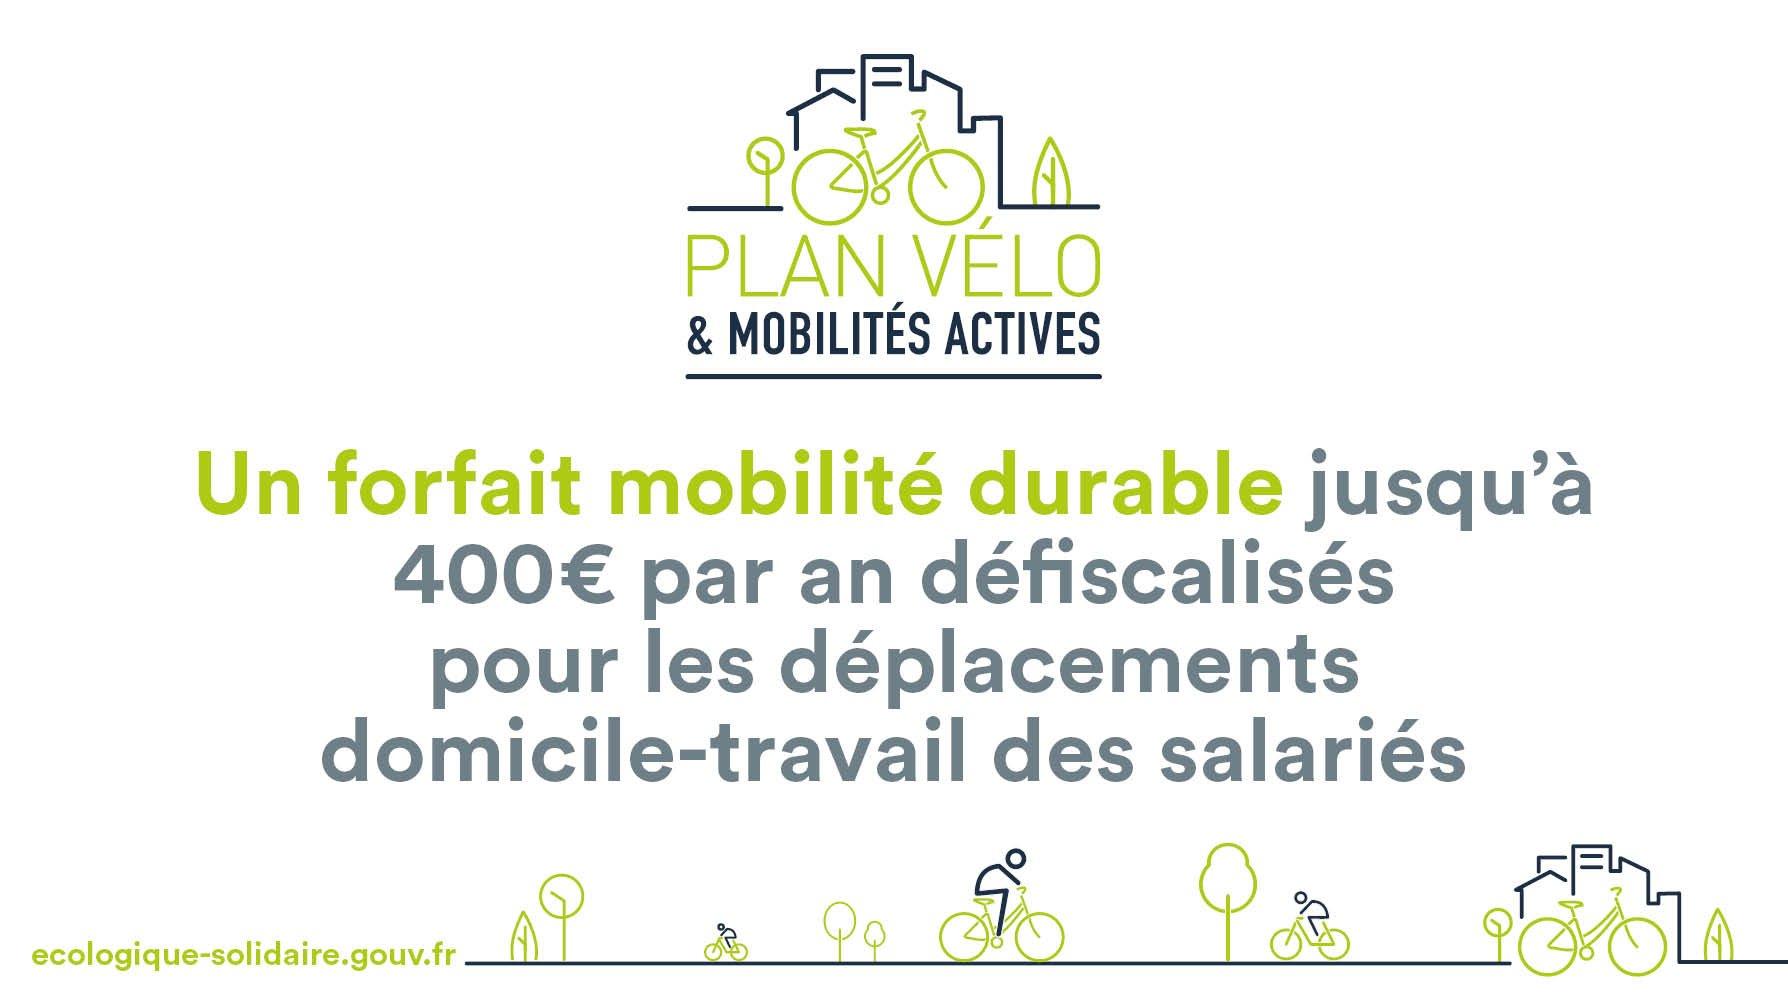 image source ecologique-solidaire.gouv.fr